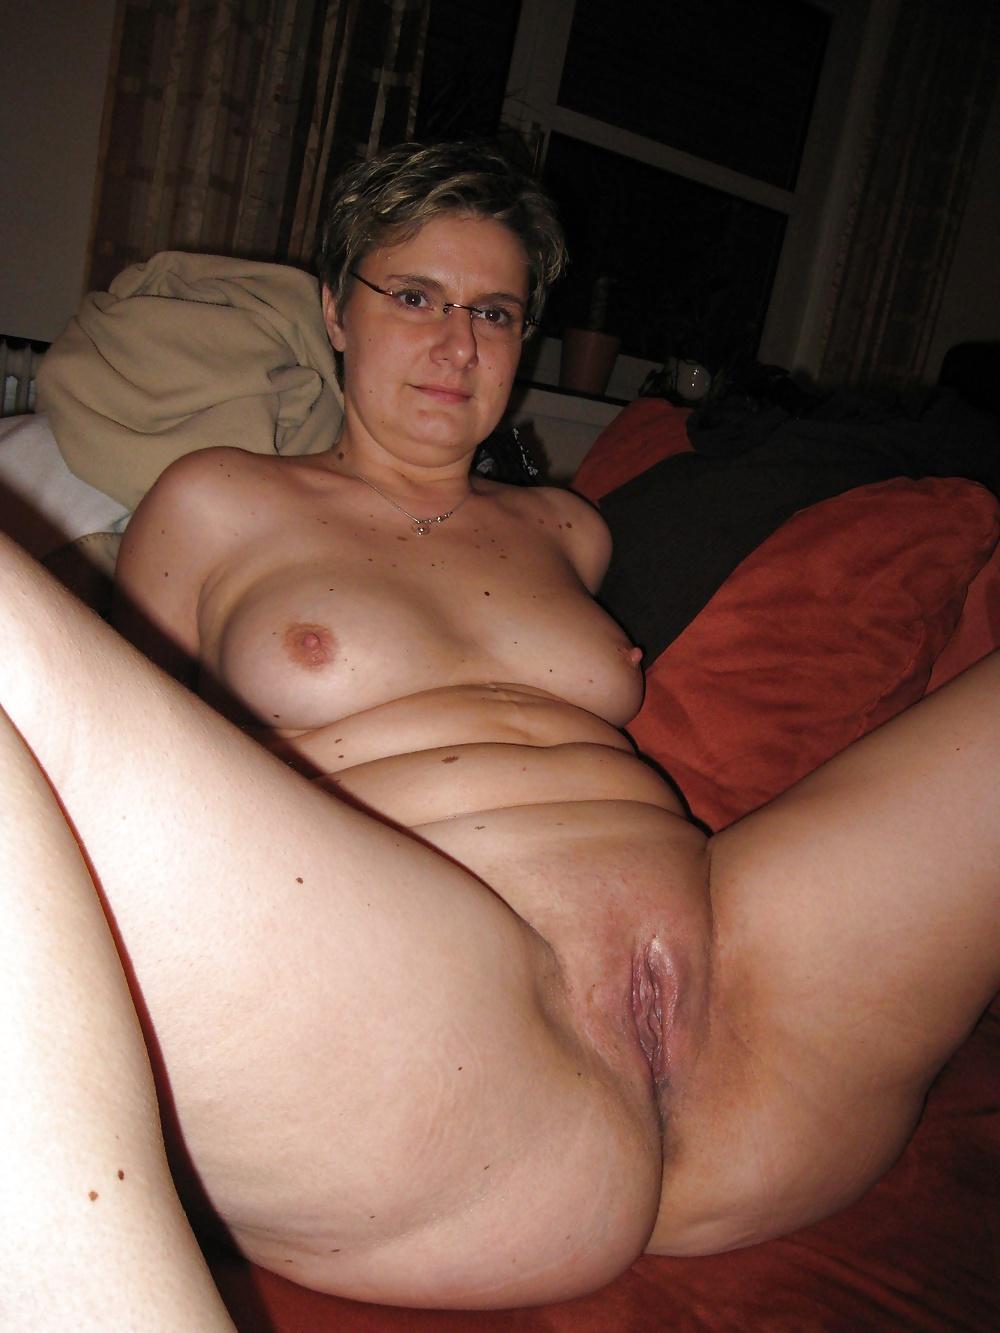 wife pics horny Hot